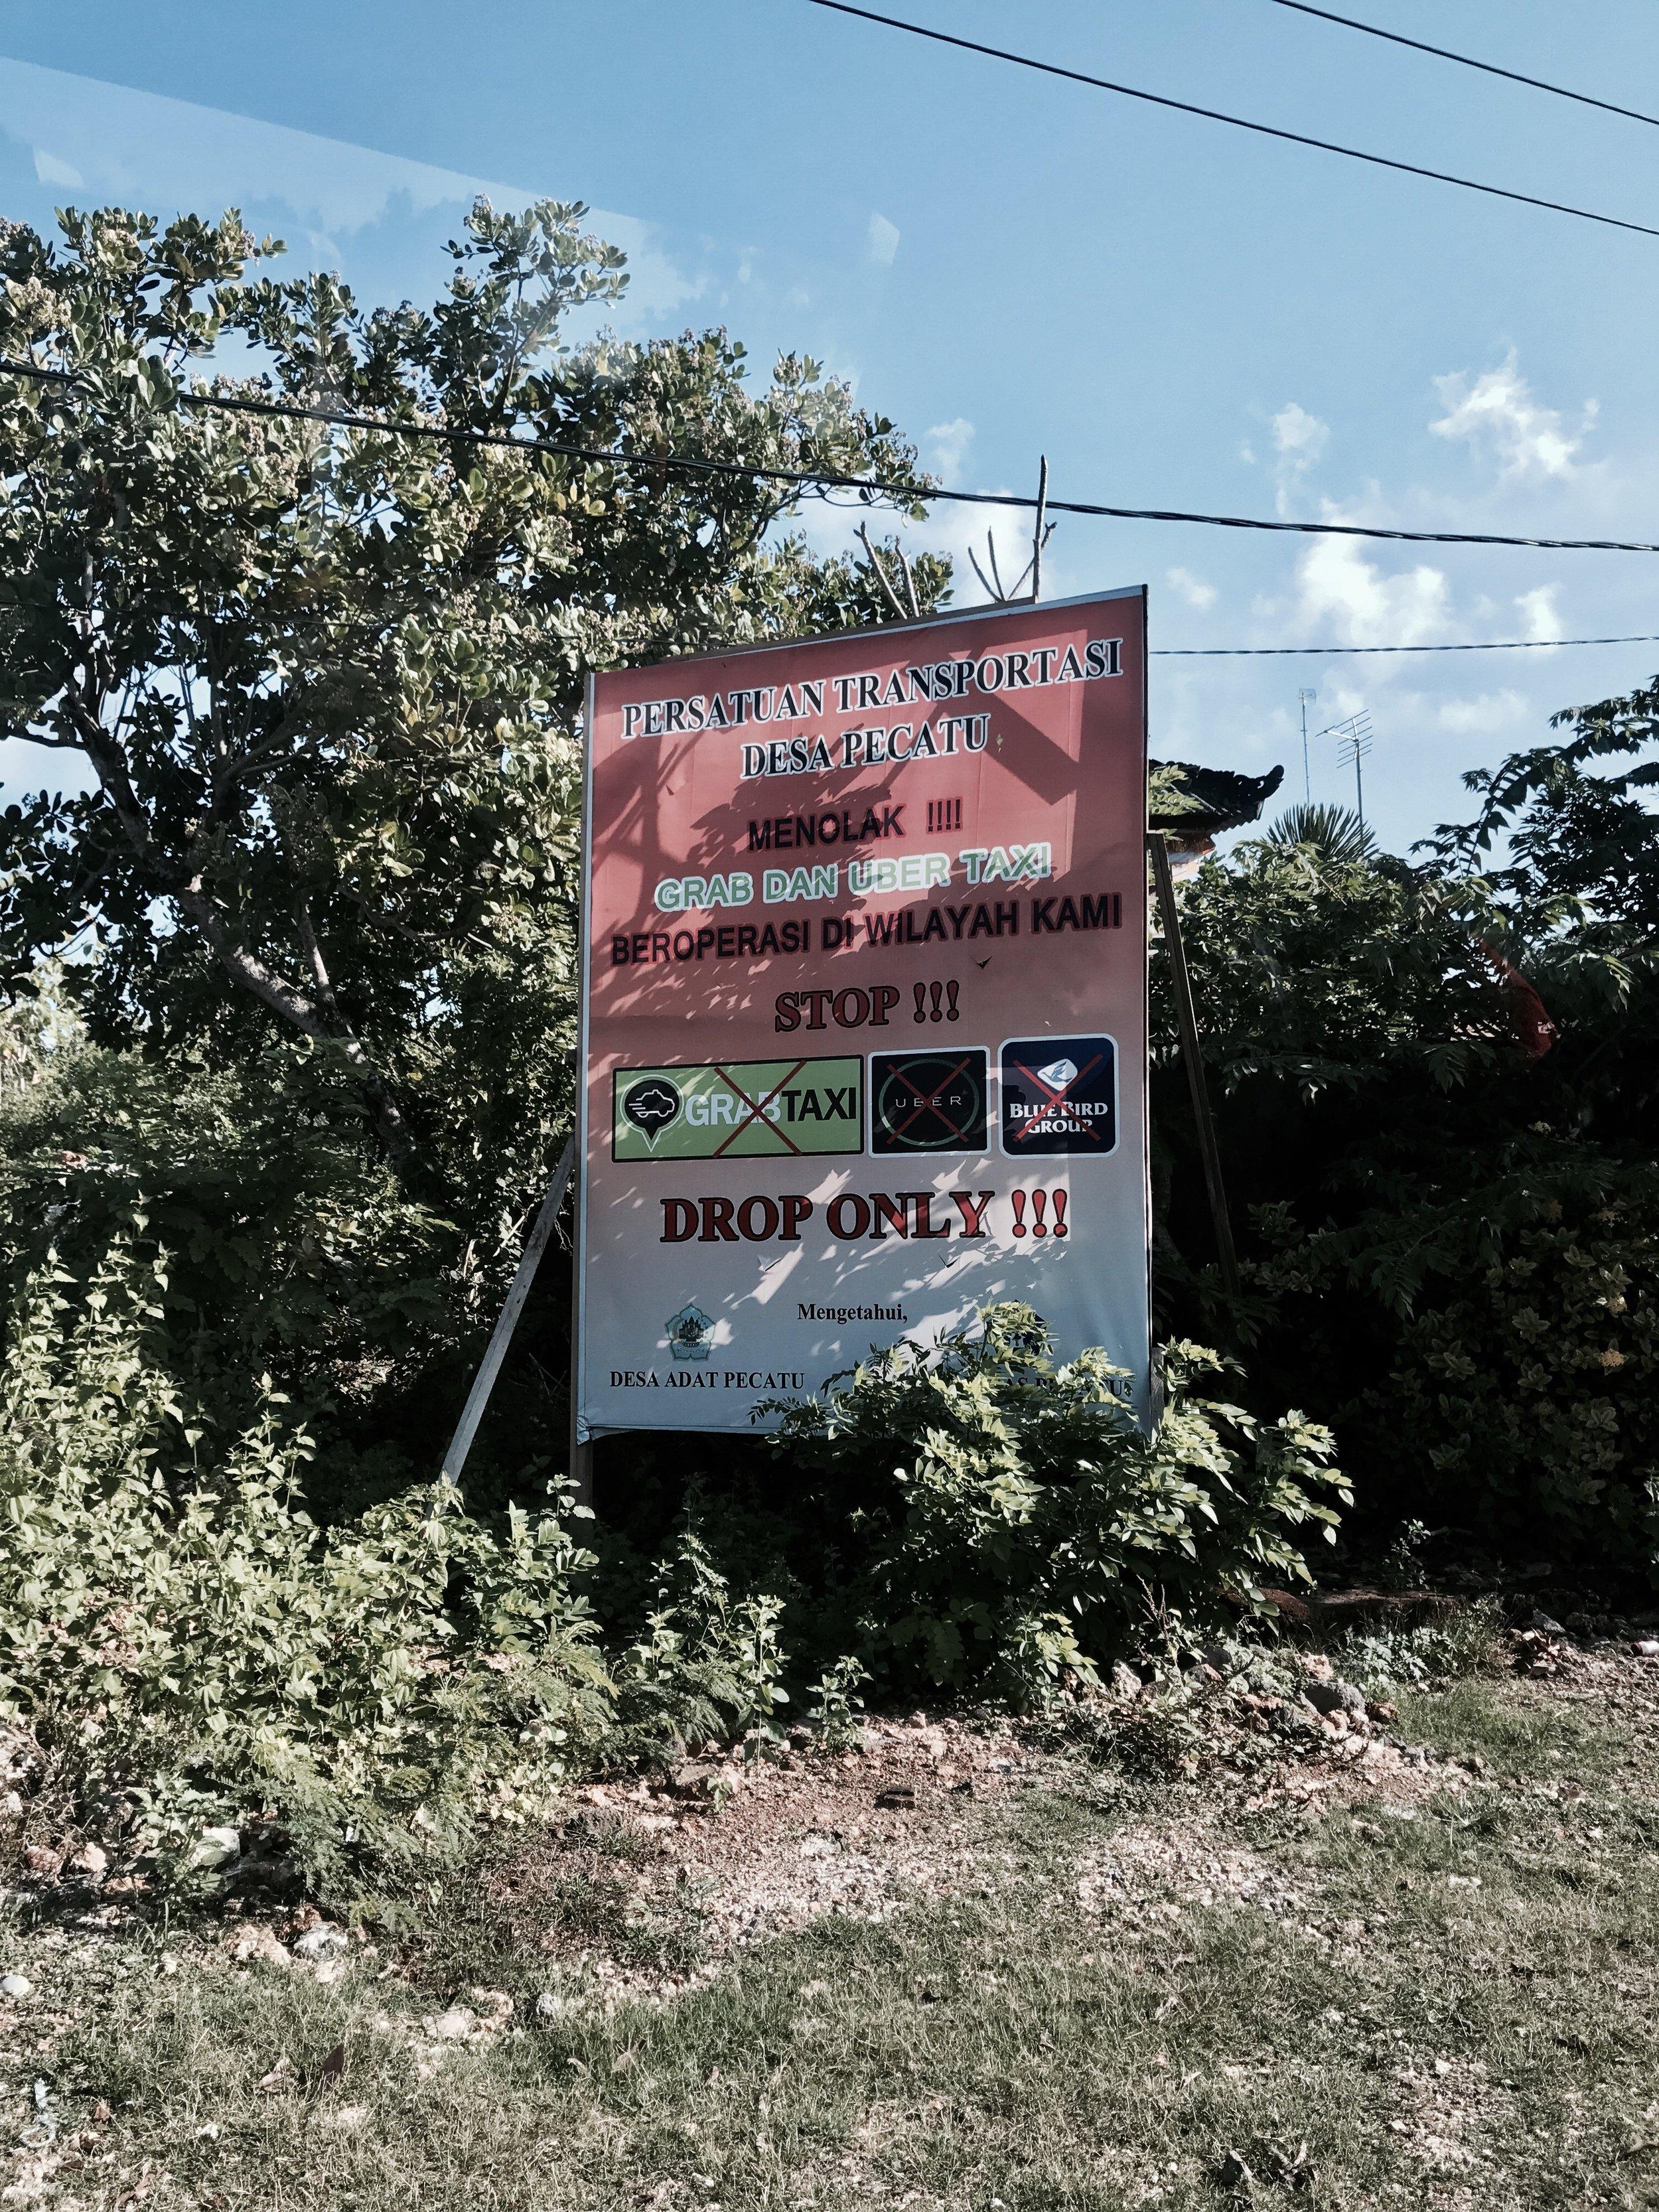 Signage in Canggu and Ubud